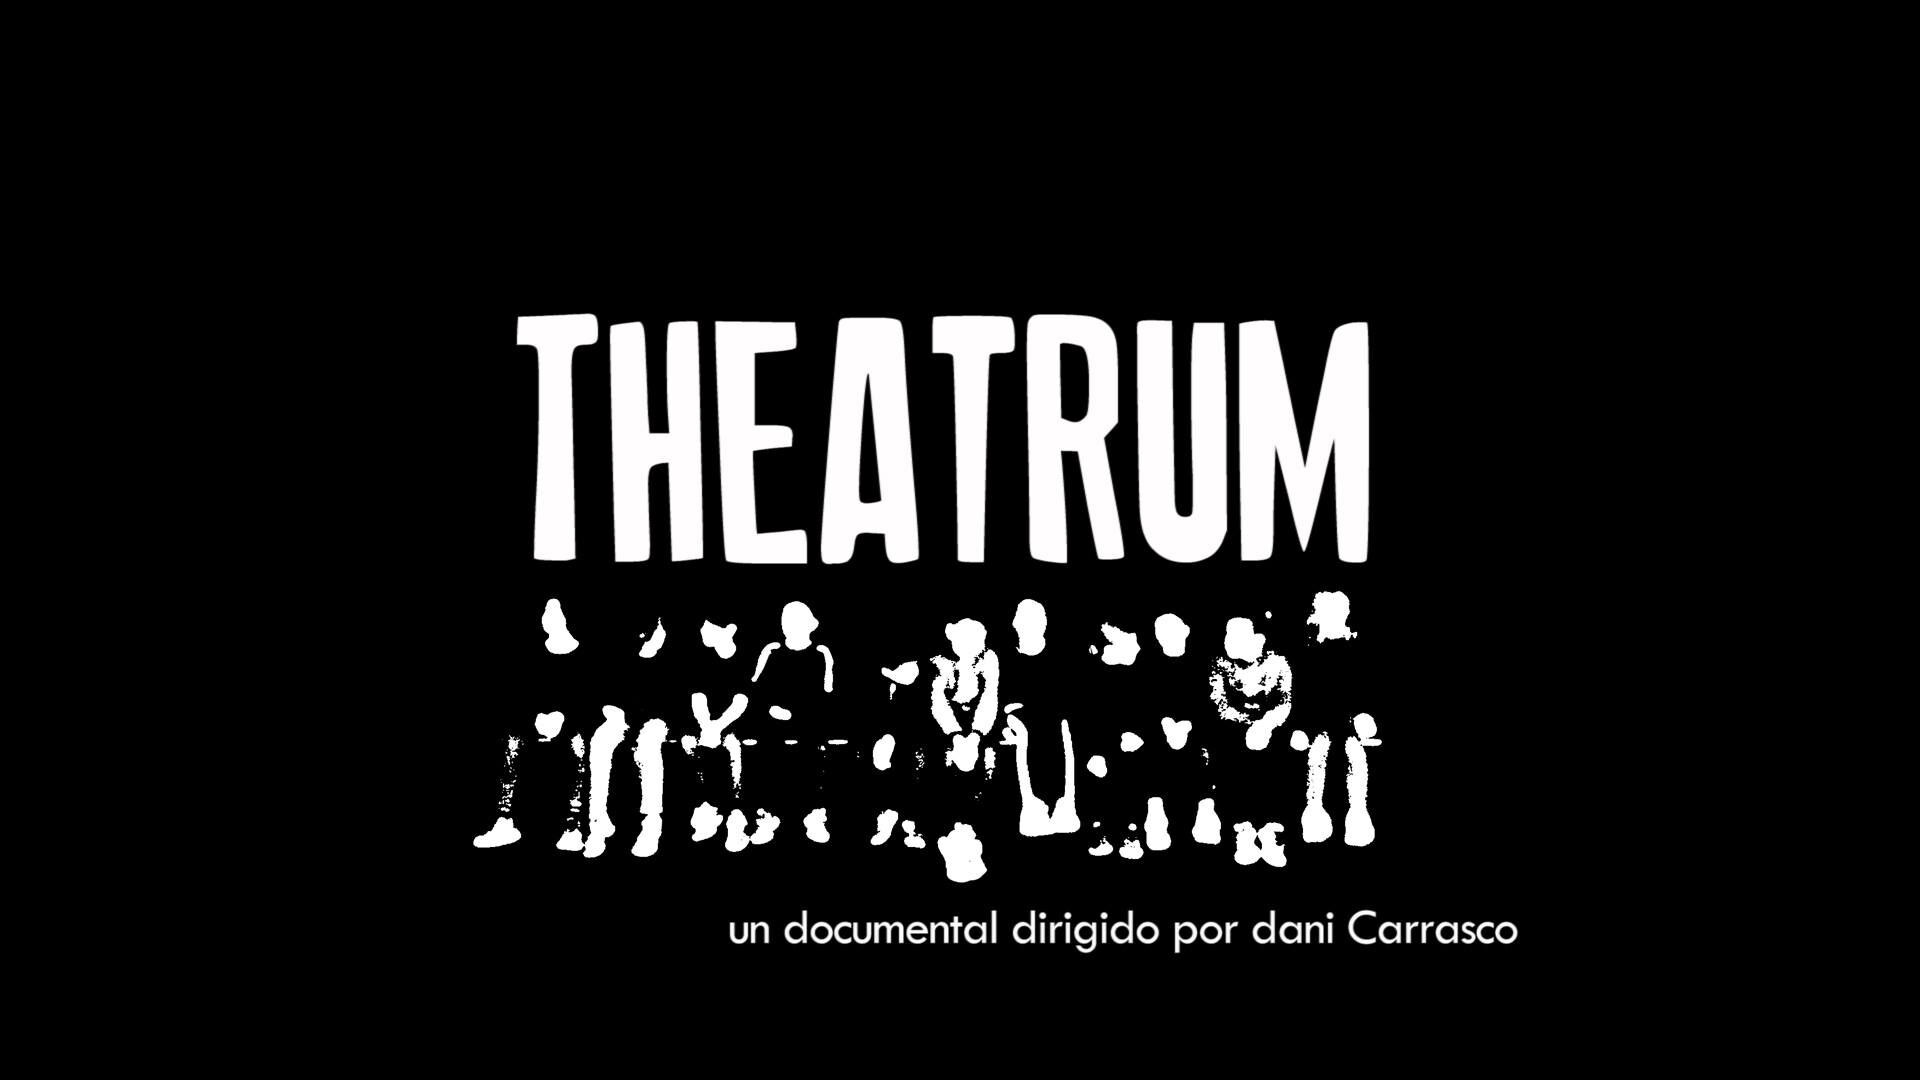 Documental Theatrum